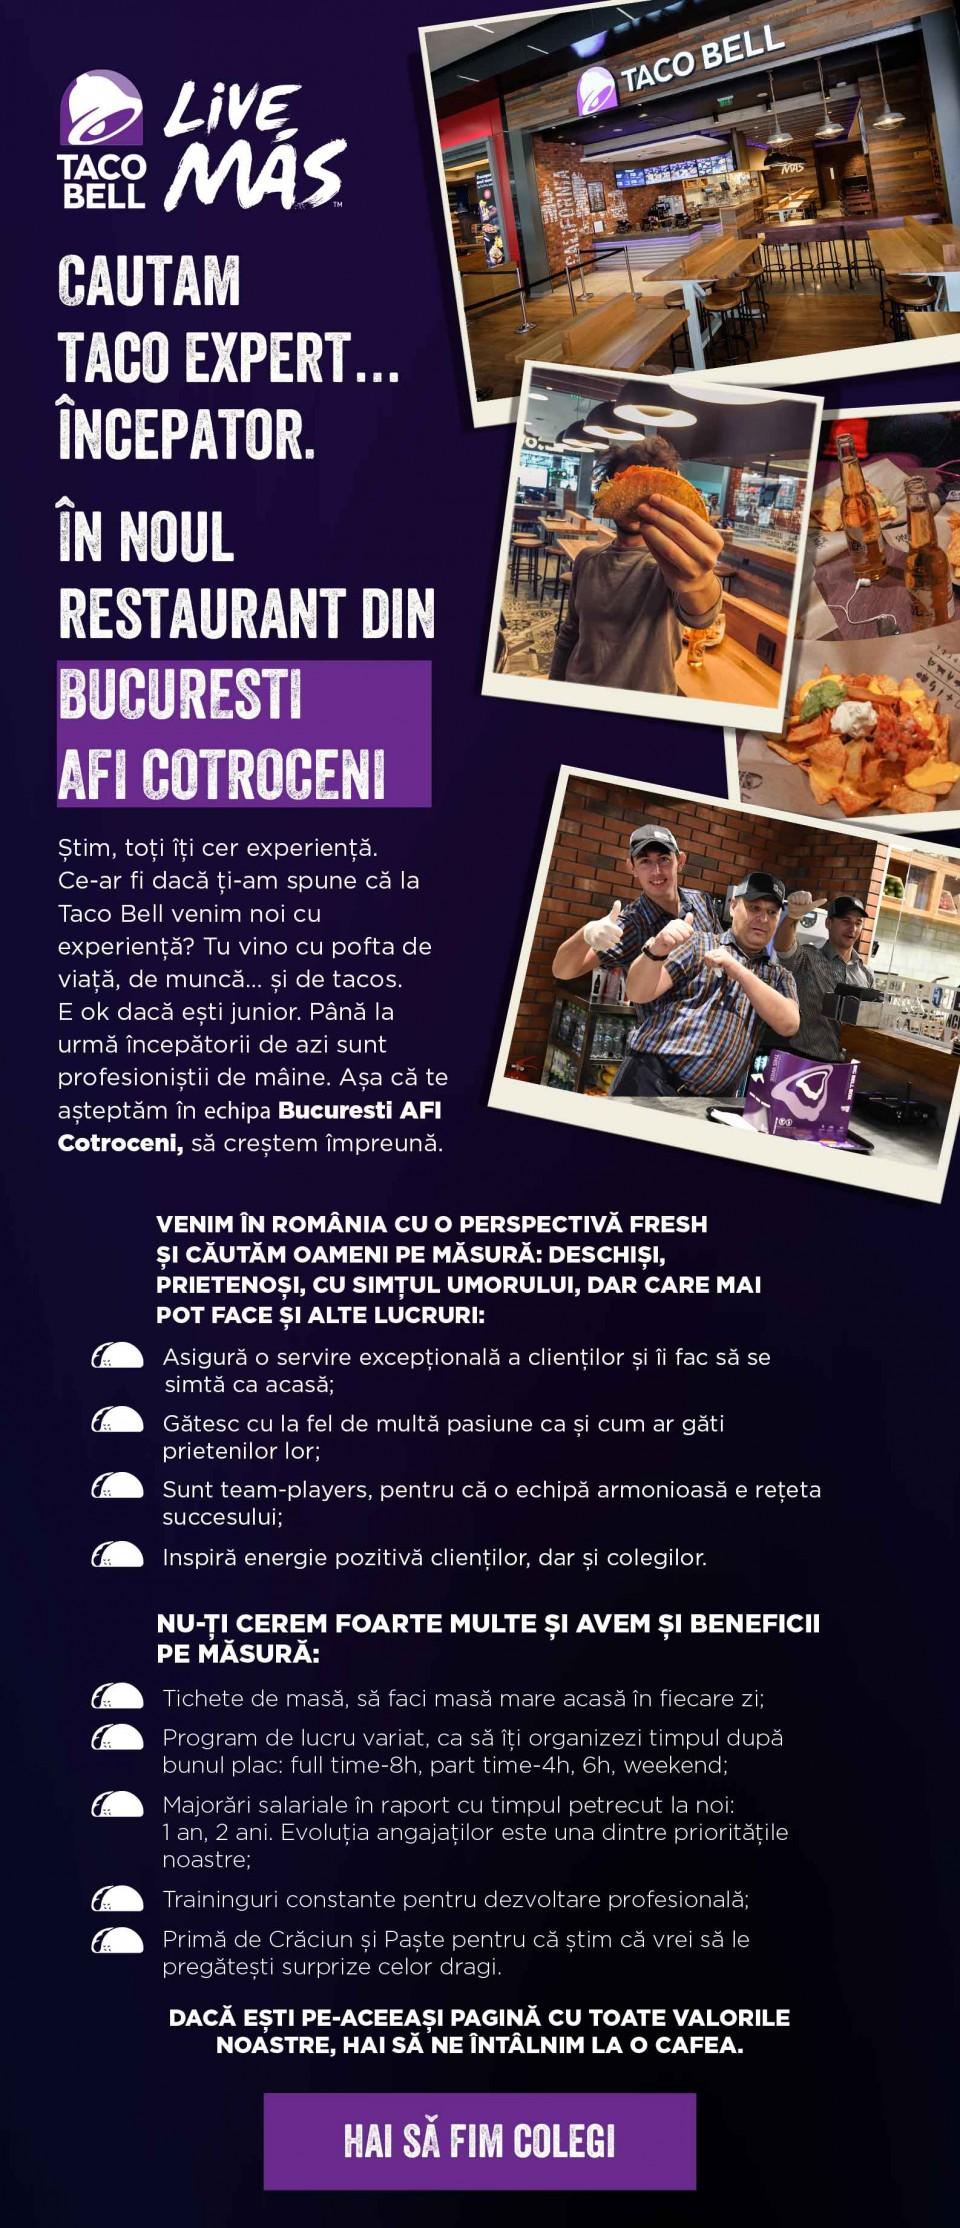 Angajăm bucătari și casieri la Taco Bell AFI Cotroceni